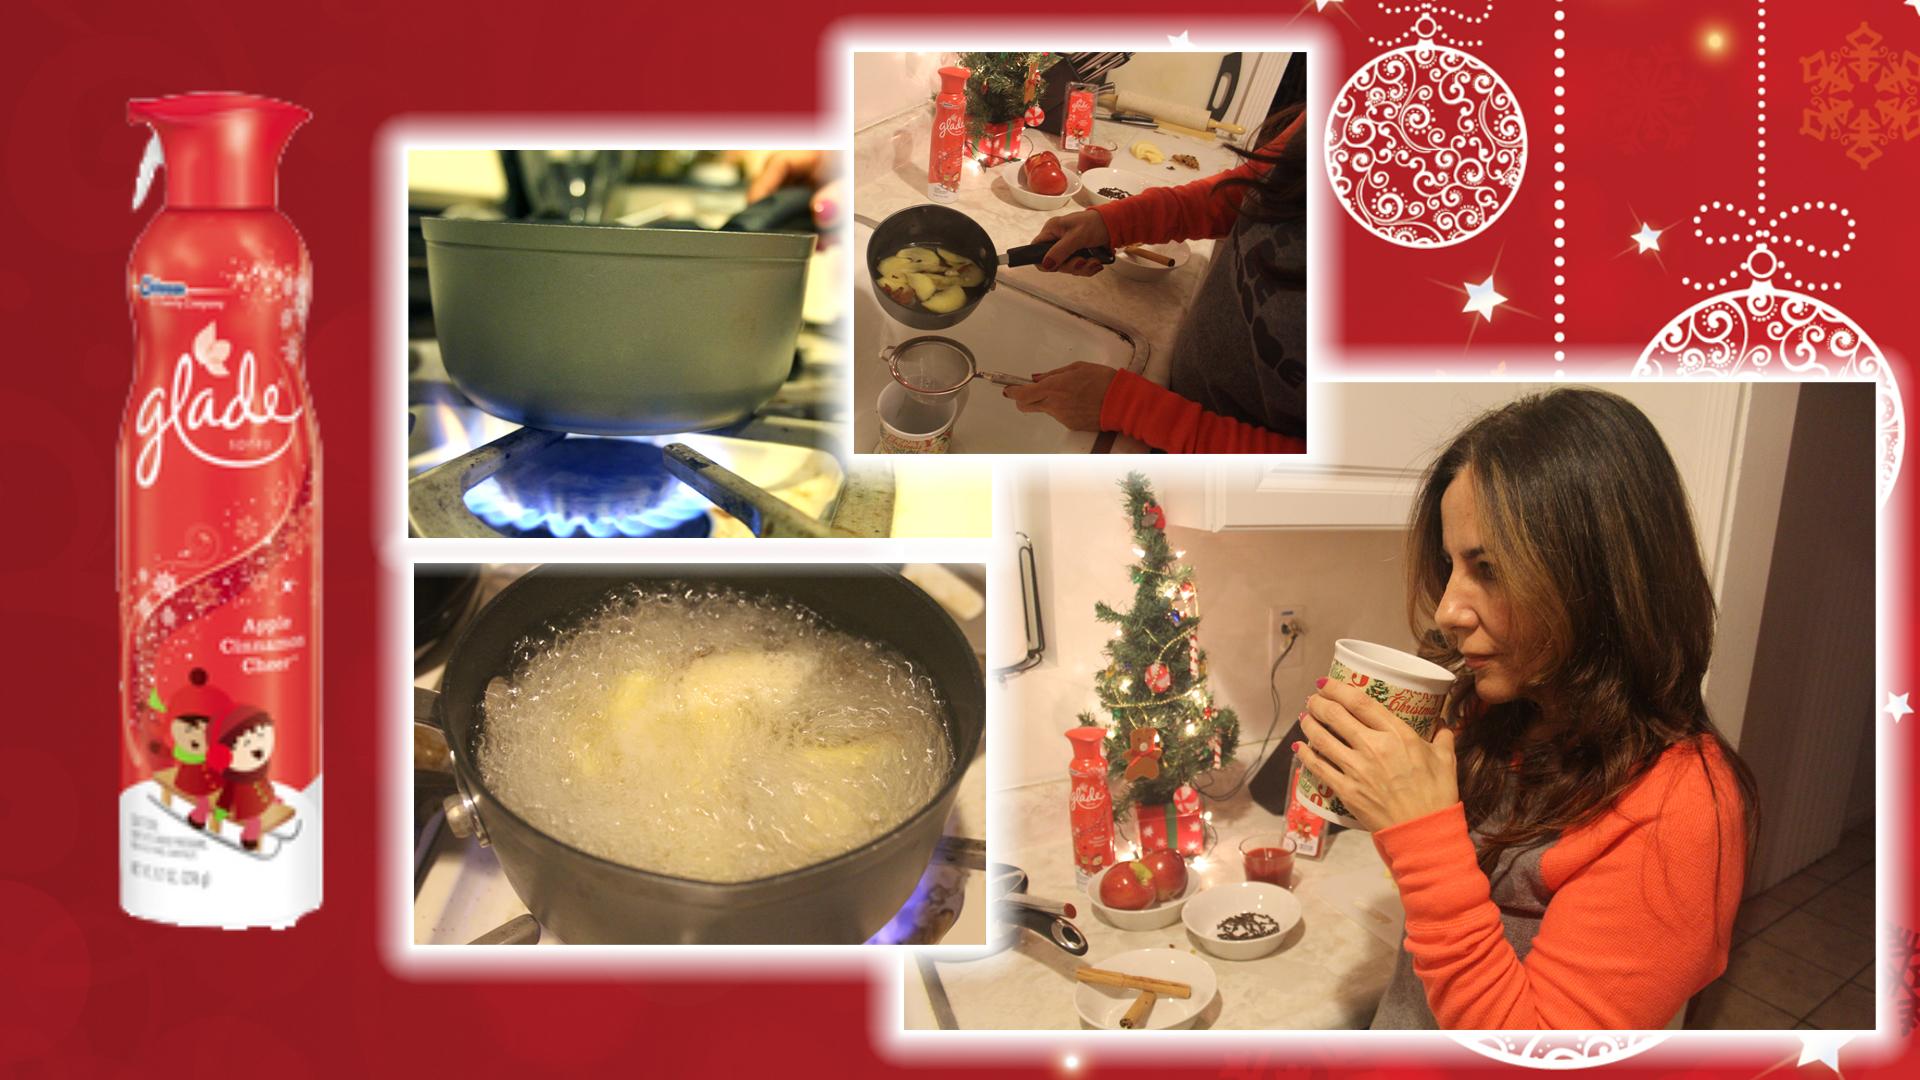 Té de manzana con canela inspirado en aromas navideños.